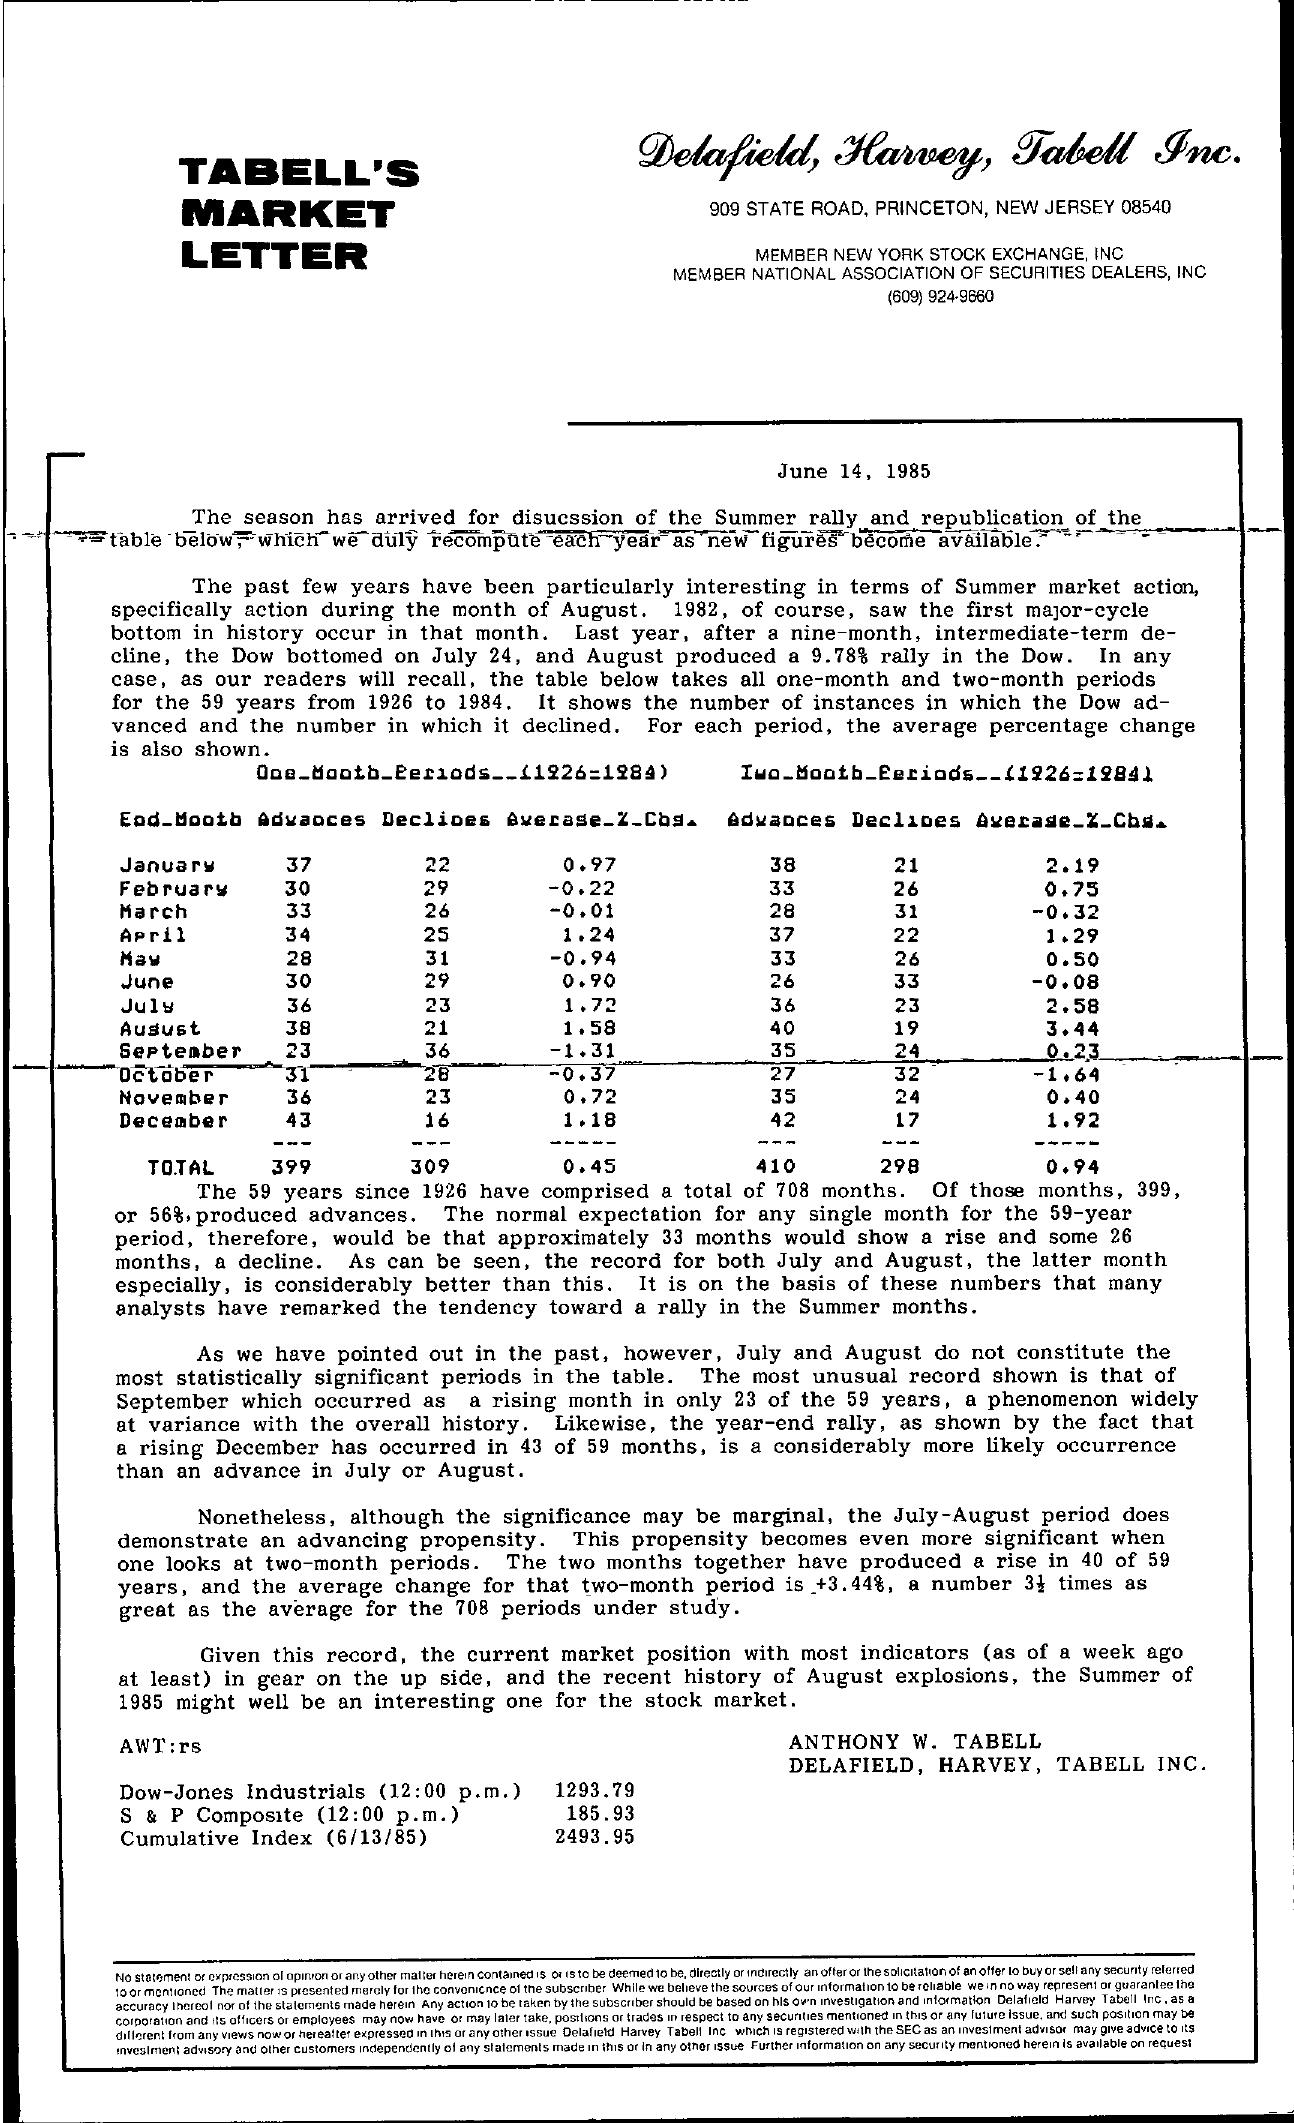 Tabell's Market Letter - June 14, 1985